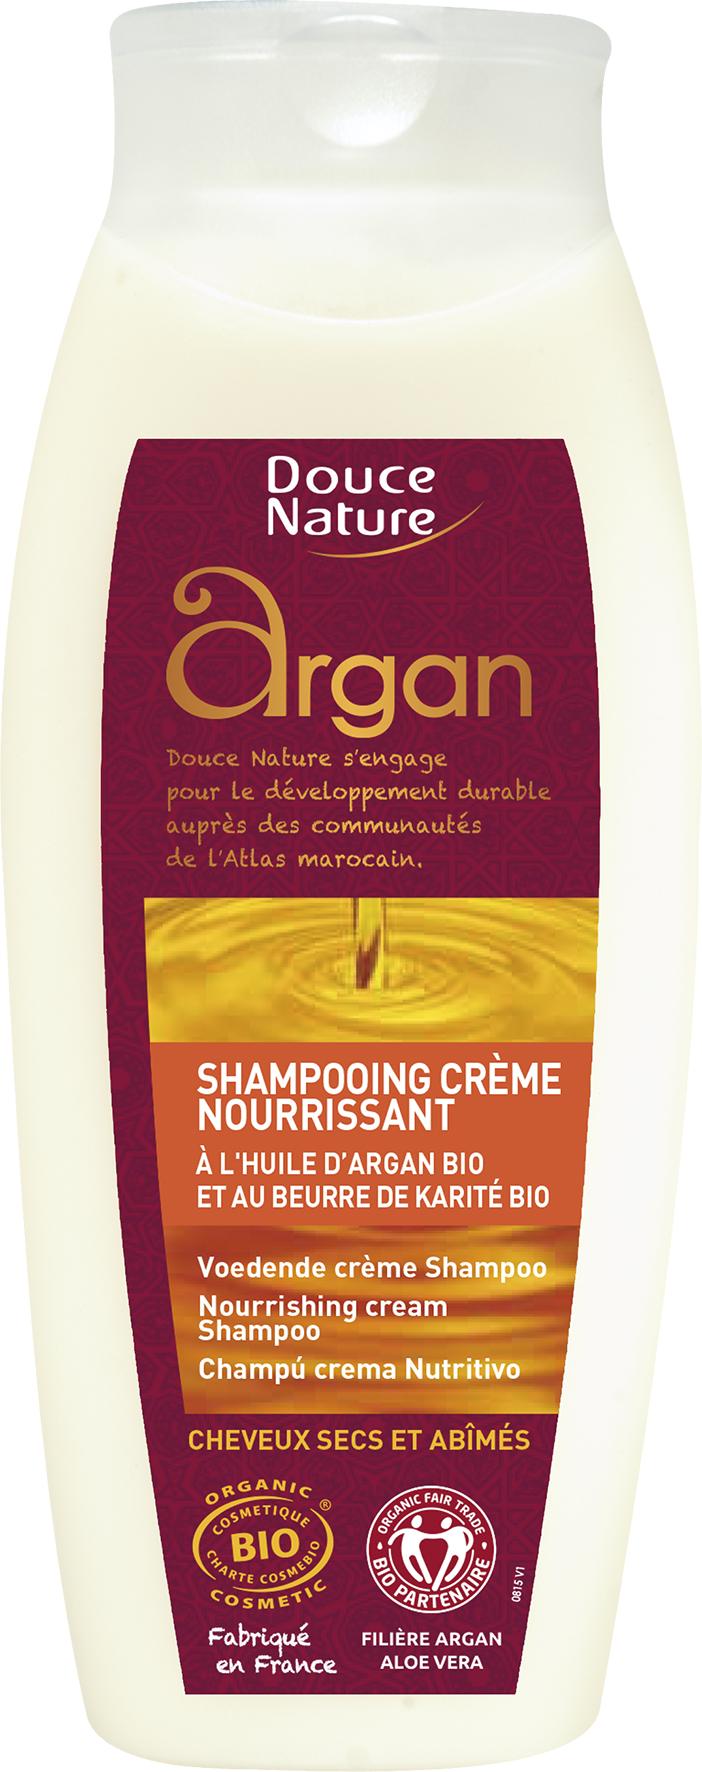 Shampooing crème nourrissant à l'huile d'argan et beurre de karité BIO, Douce Nature (250 ml)